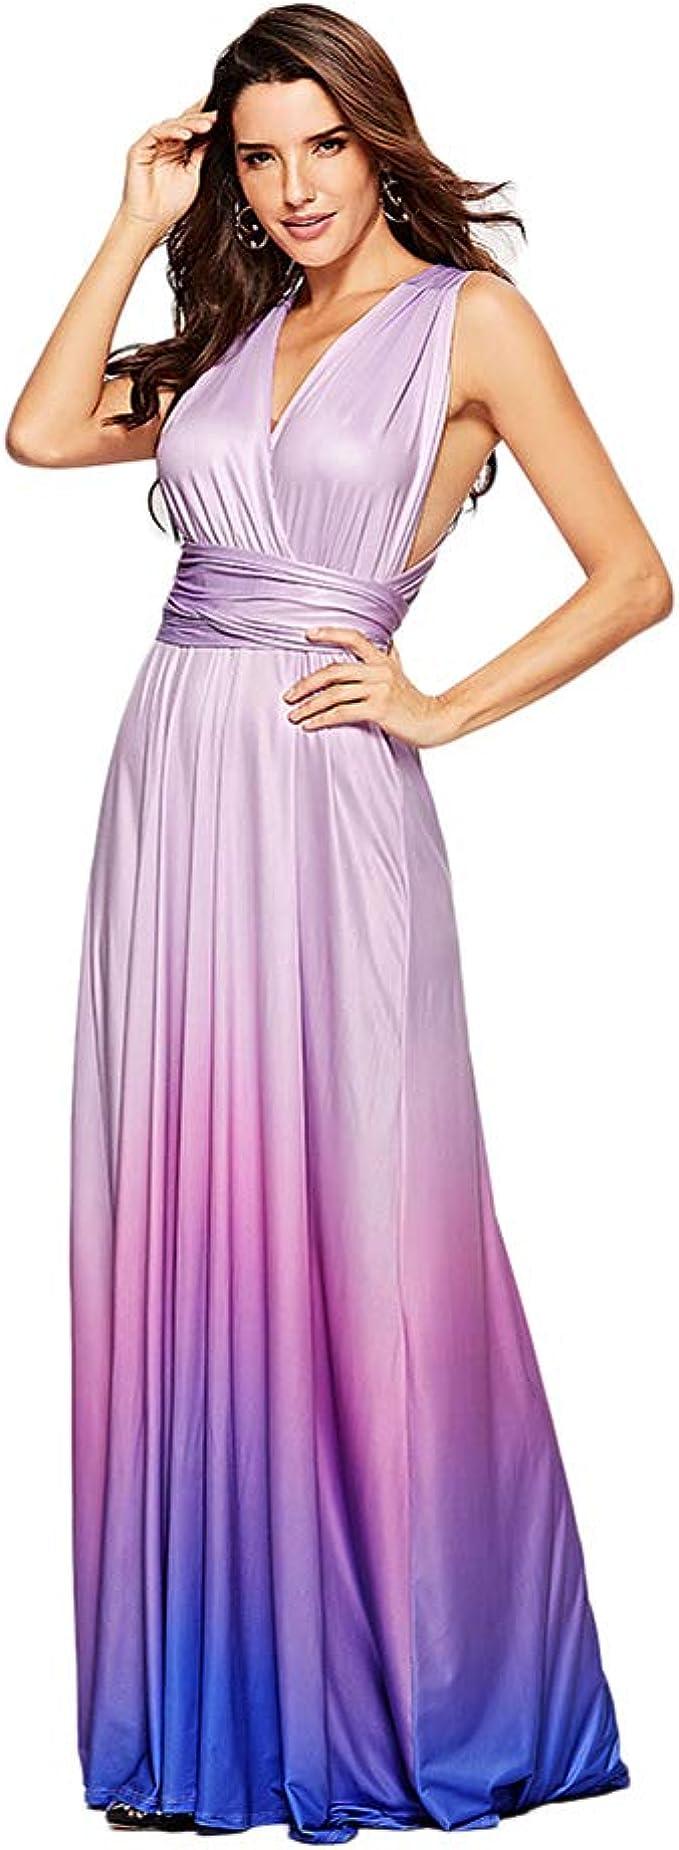 IWEMEK Damen Farbverlauf Unendlich Abendkleid Brautjungfer Brautkleider  Frauen Convertible Multi-Way Kleider Sommerkleider Strandkleid  CocktailKleid